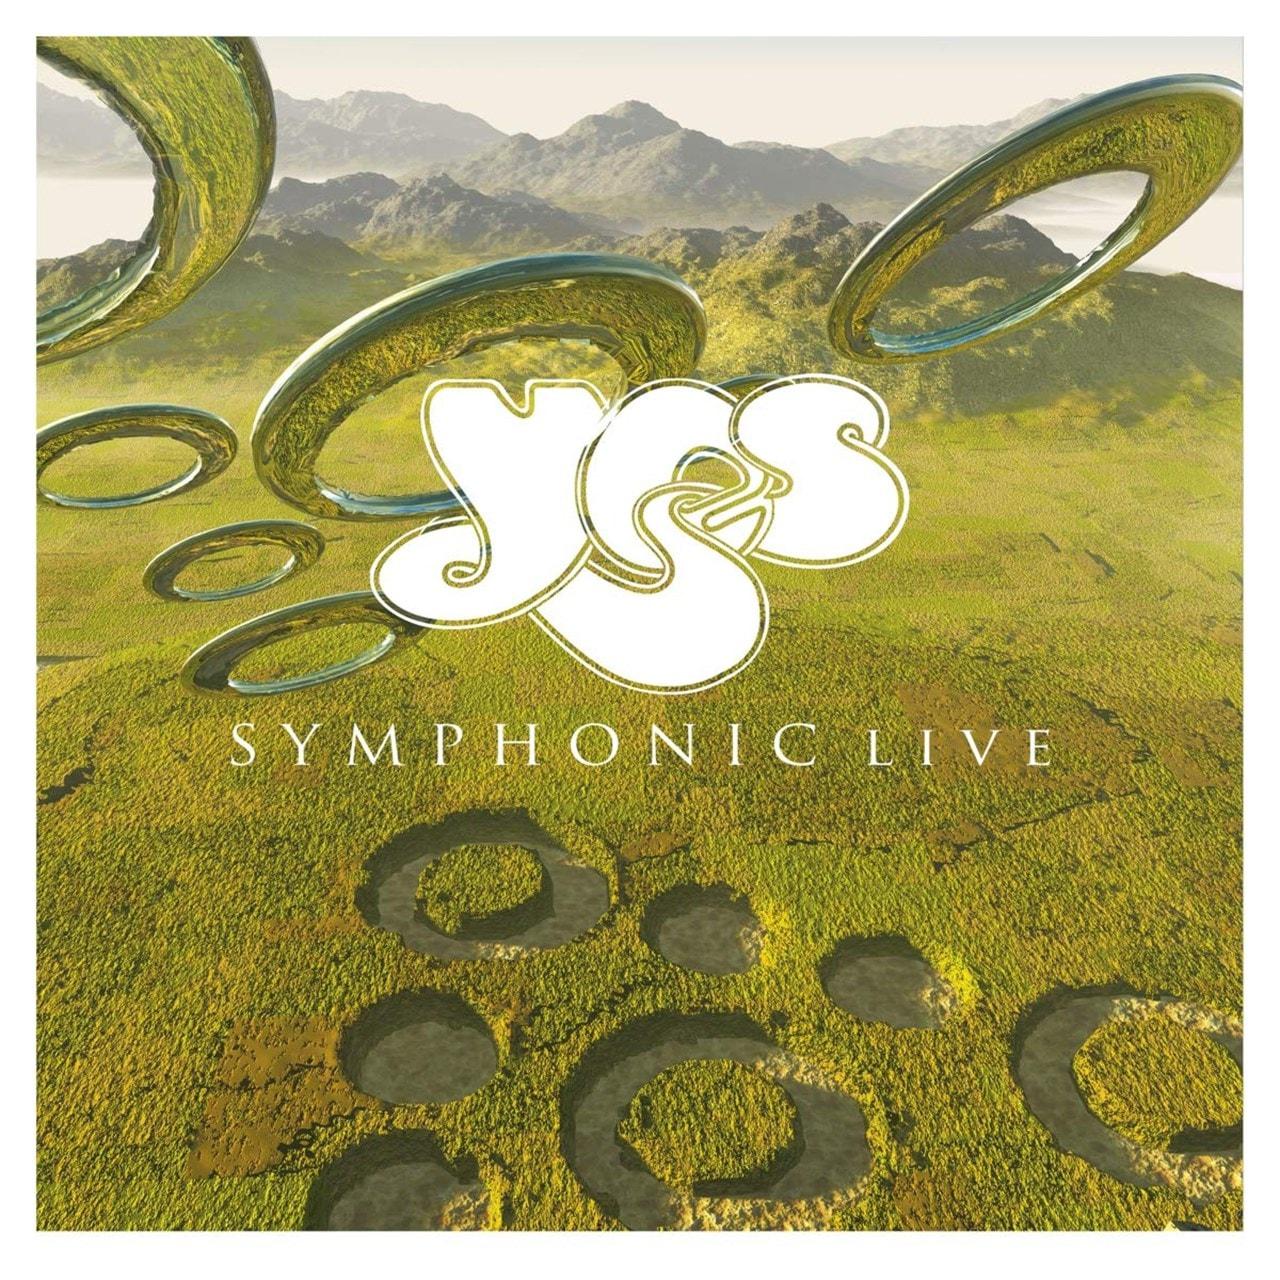 Symphonic Live - 1